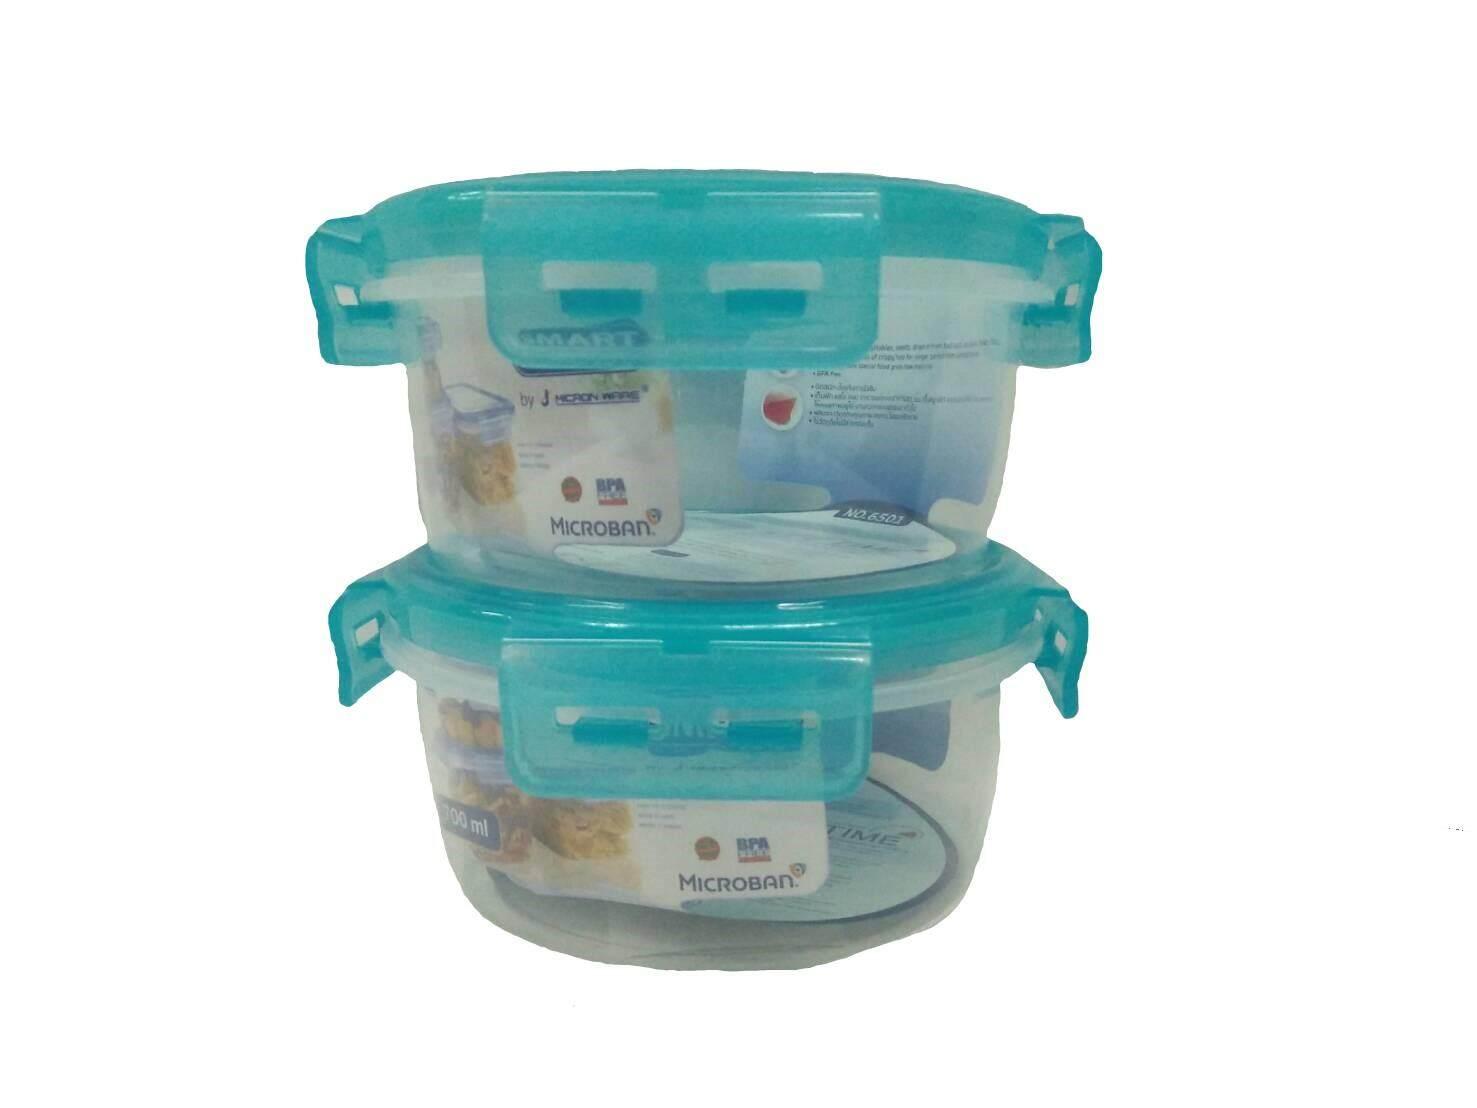 กล่องถนอมอาหาร Smart Lock ปริมาตรบรรจุ 700 มิลลิลิตร (แพ็ค 2 กล่อง) By Mix108shop.